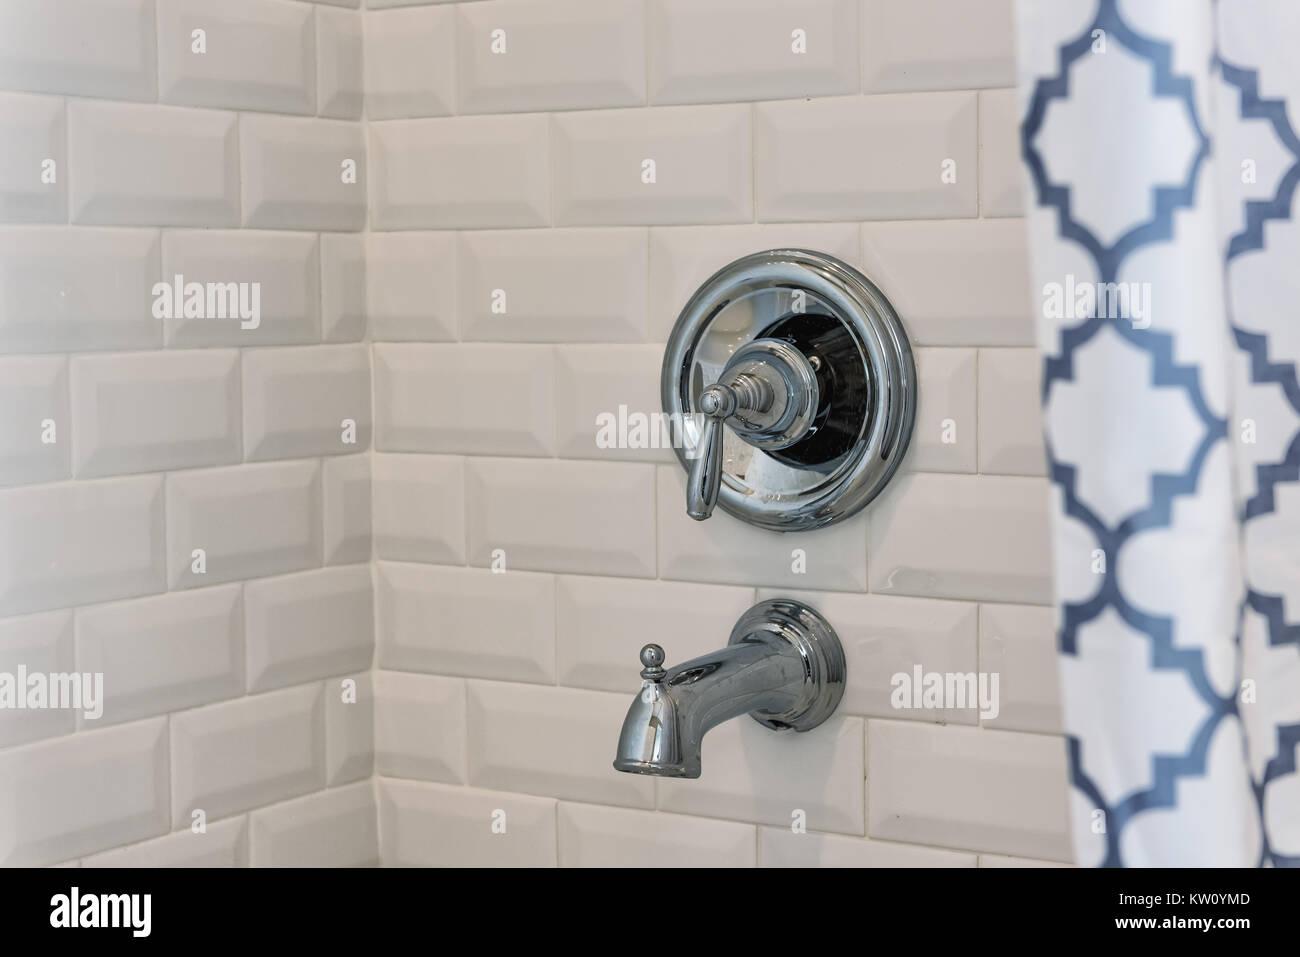 Vasca Da Bagno Con Tenda : Primo piano della bianca e moderna doccia vasca da bagno con tende